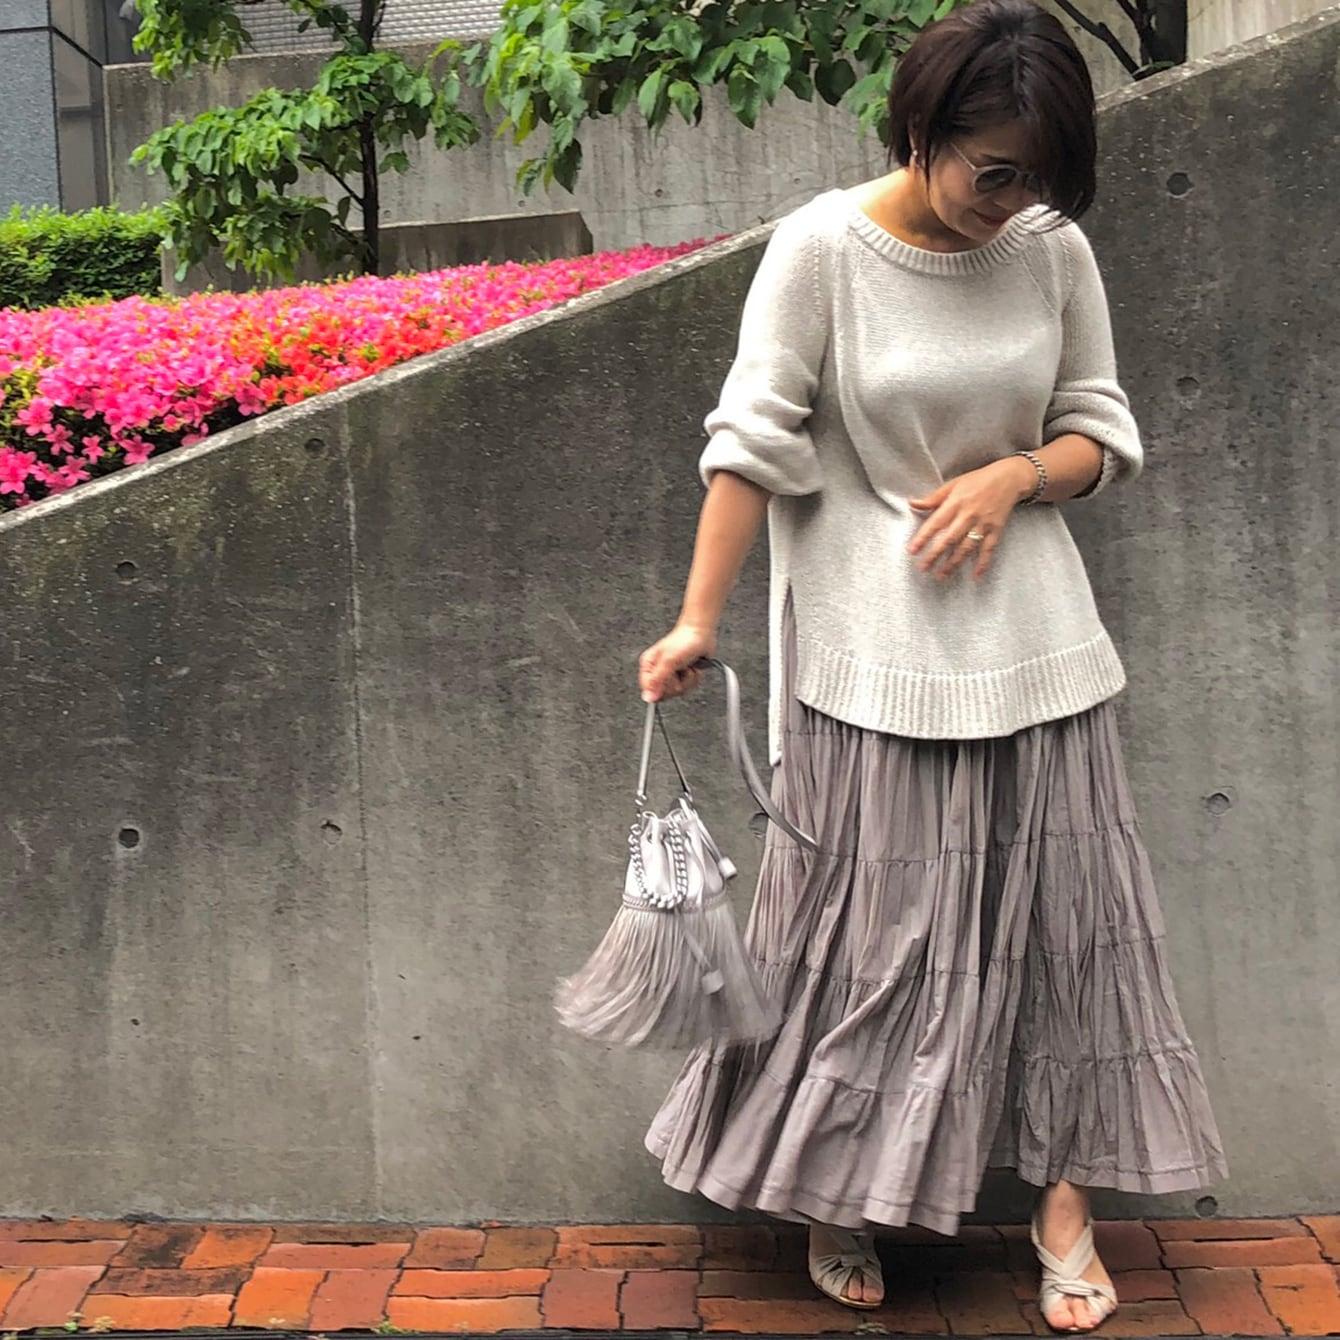 【スタイリスト厳選】マキシスカートの子供っぽくない色選びと着こなしは?